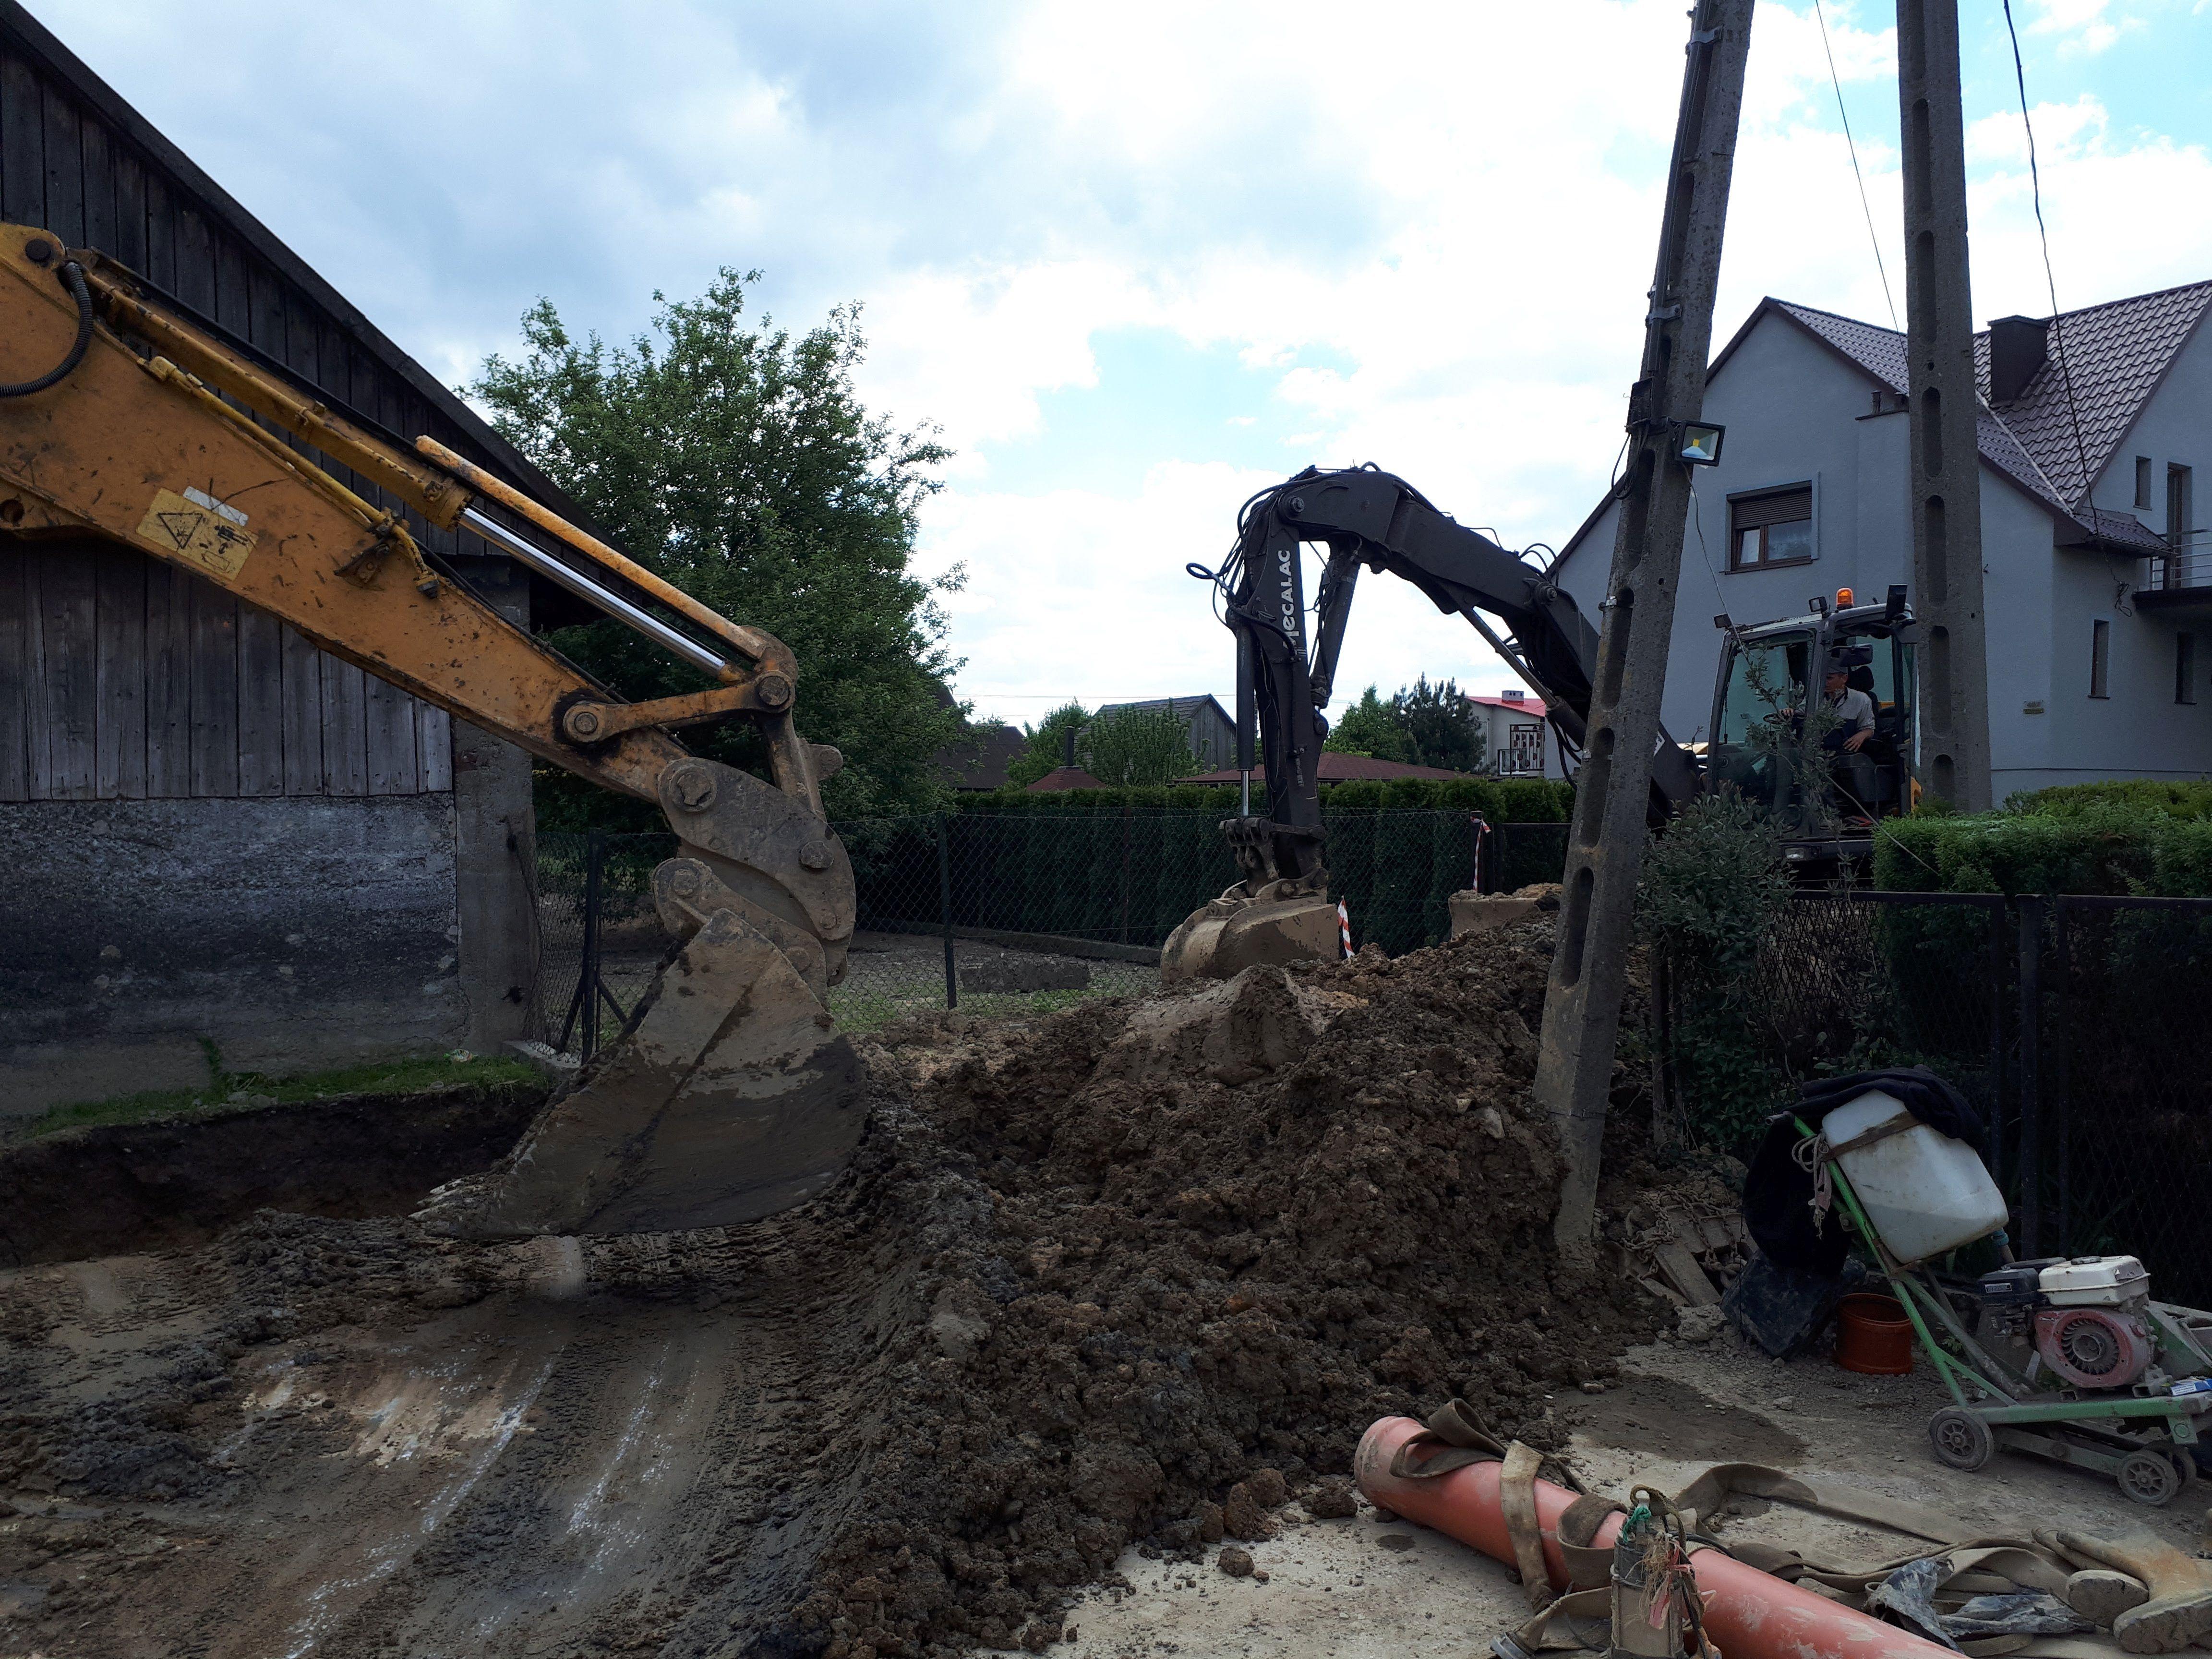 Unijne dotacje na kanalizację i wodociągi dla Wieprza, Zatora i Mucharza